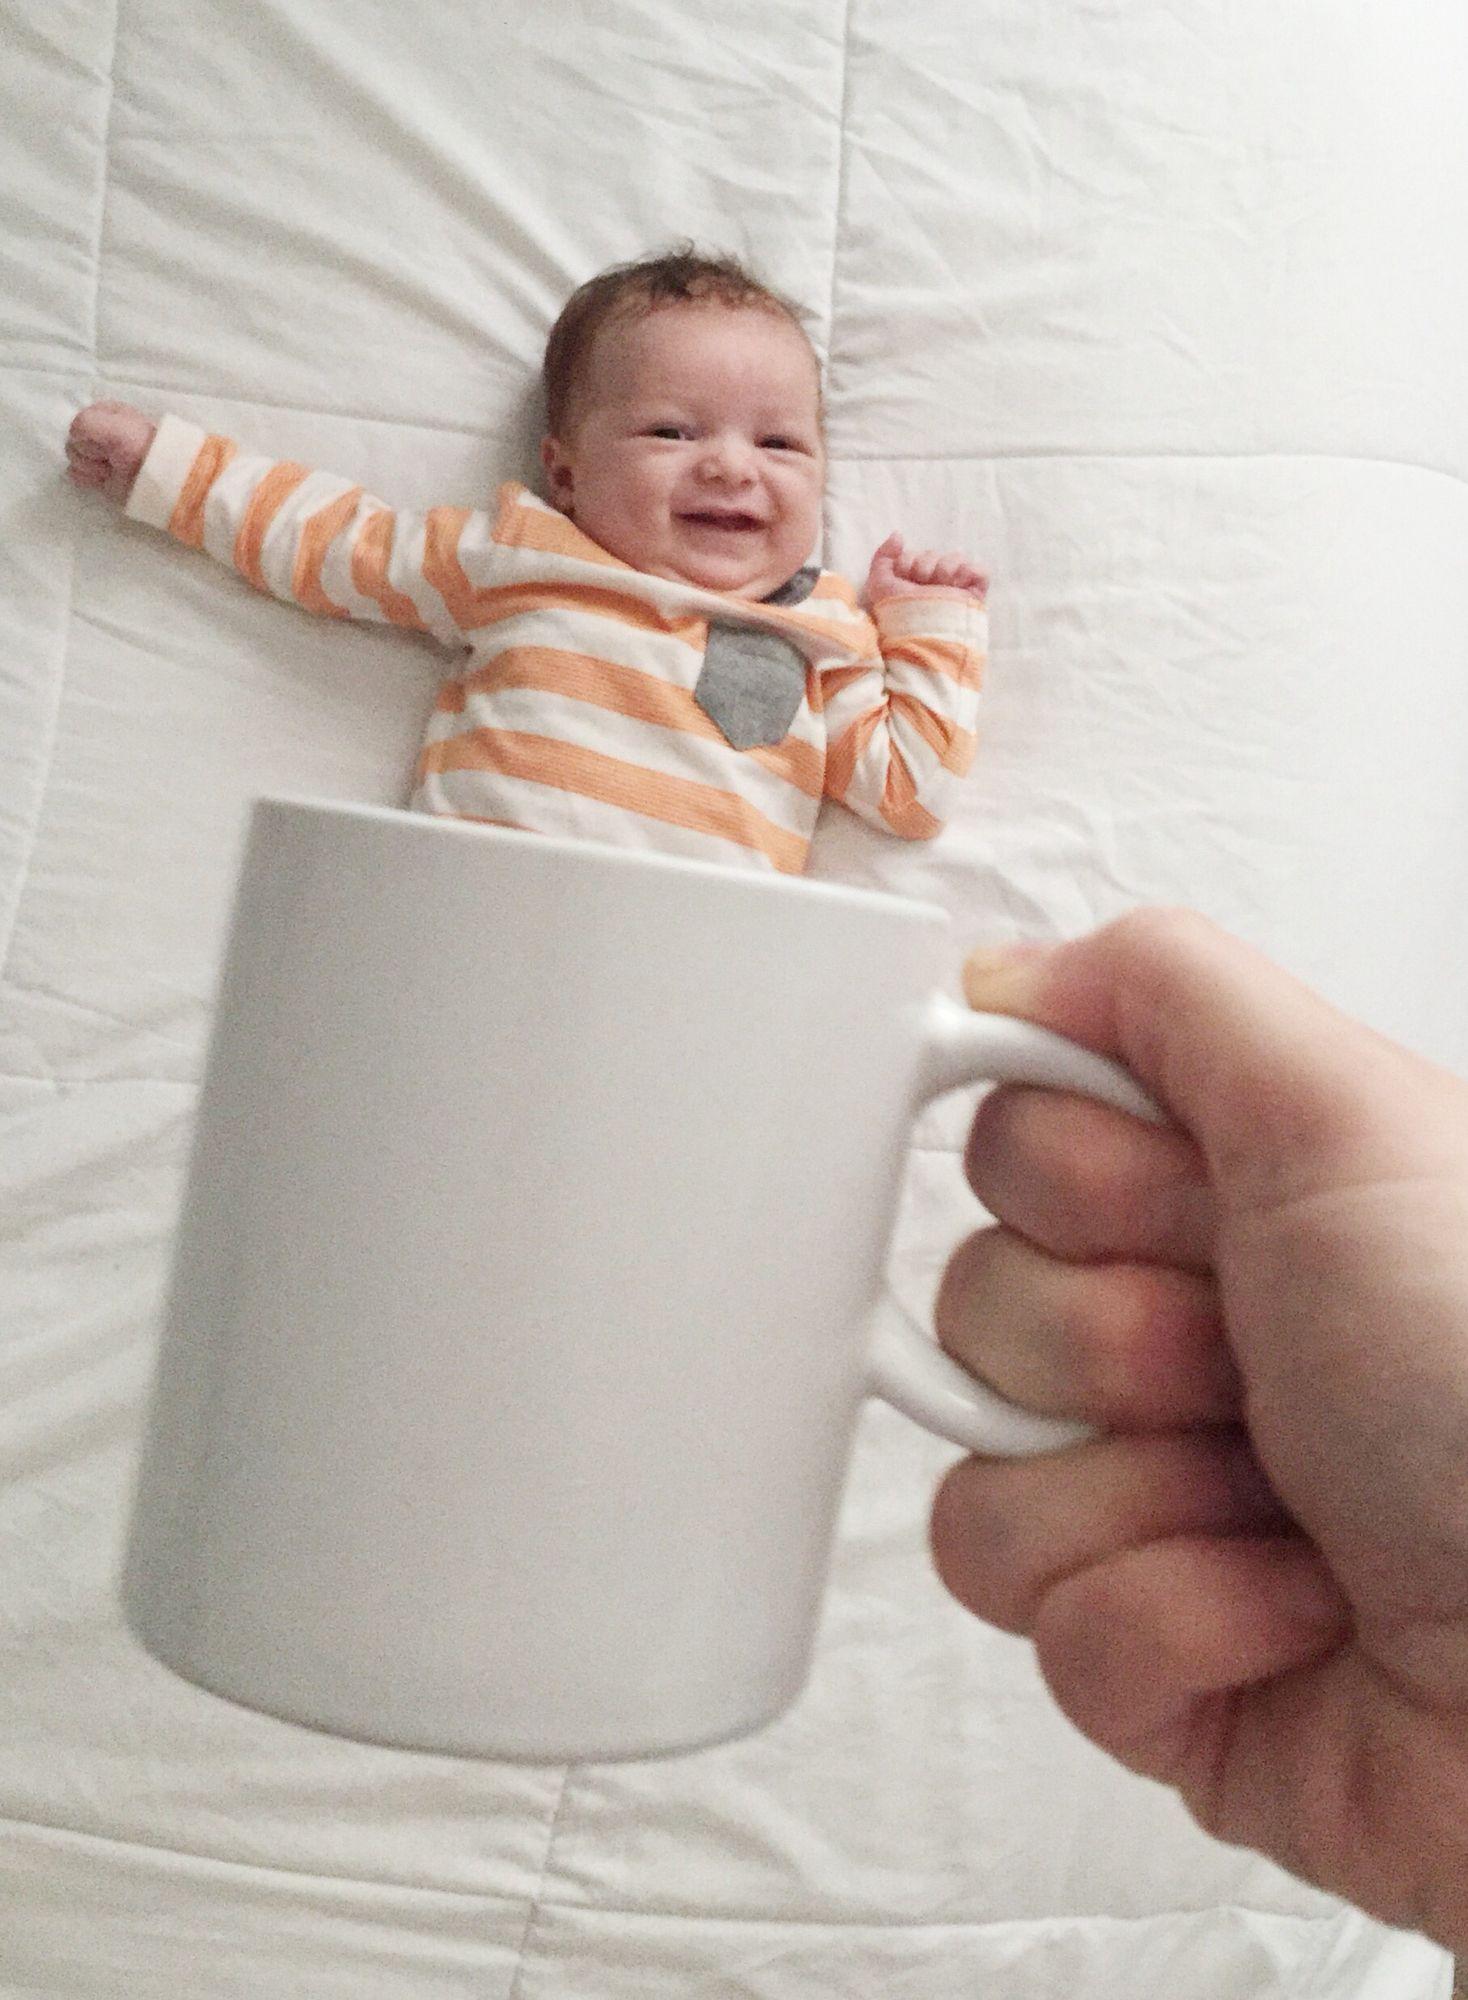 Www Instagram Com Brittanythecreative Com Stay At Home Mom Get Creative Put Fotos Tumblr De Bebe Sessoes De Fotos De Bebe Ideias Para Fotografia De Criancas